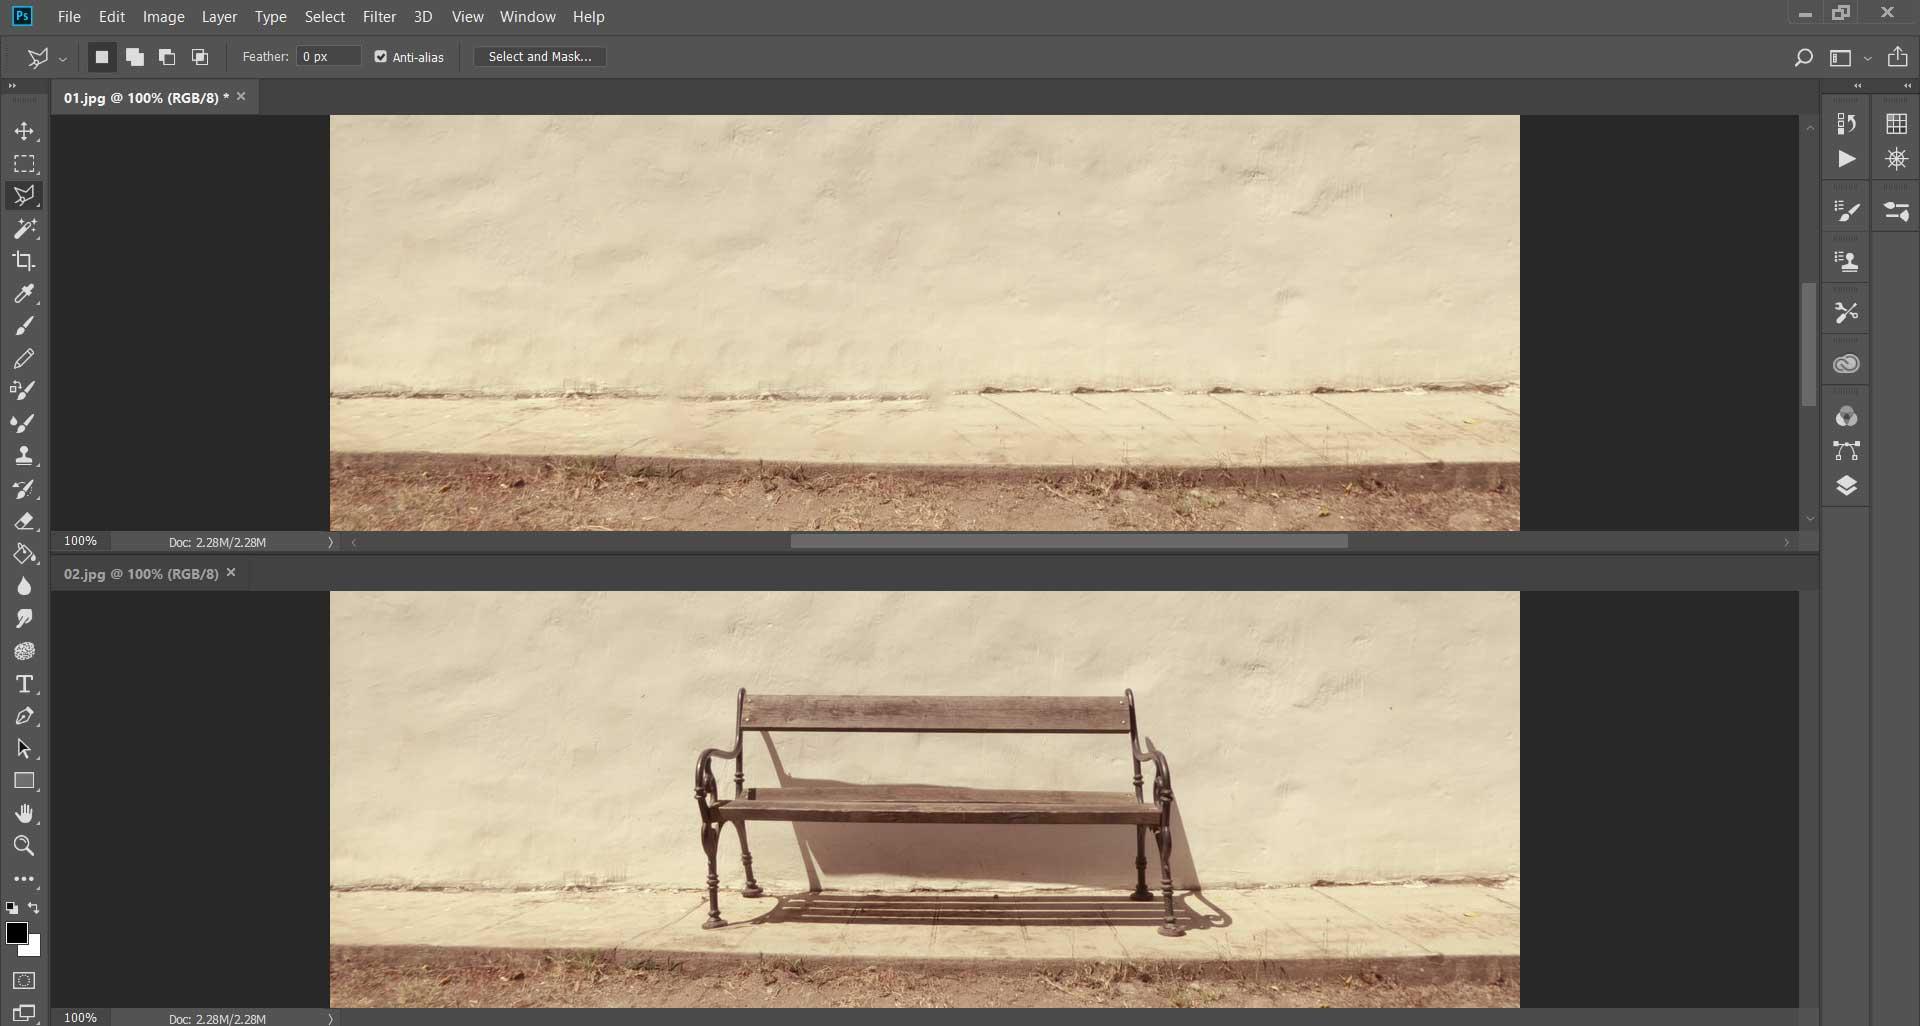 דוגמא של לפני ואחרי